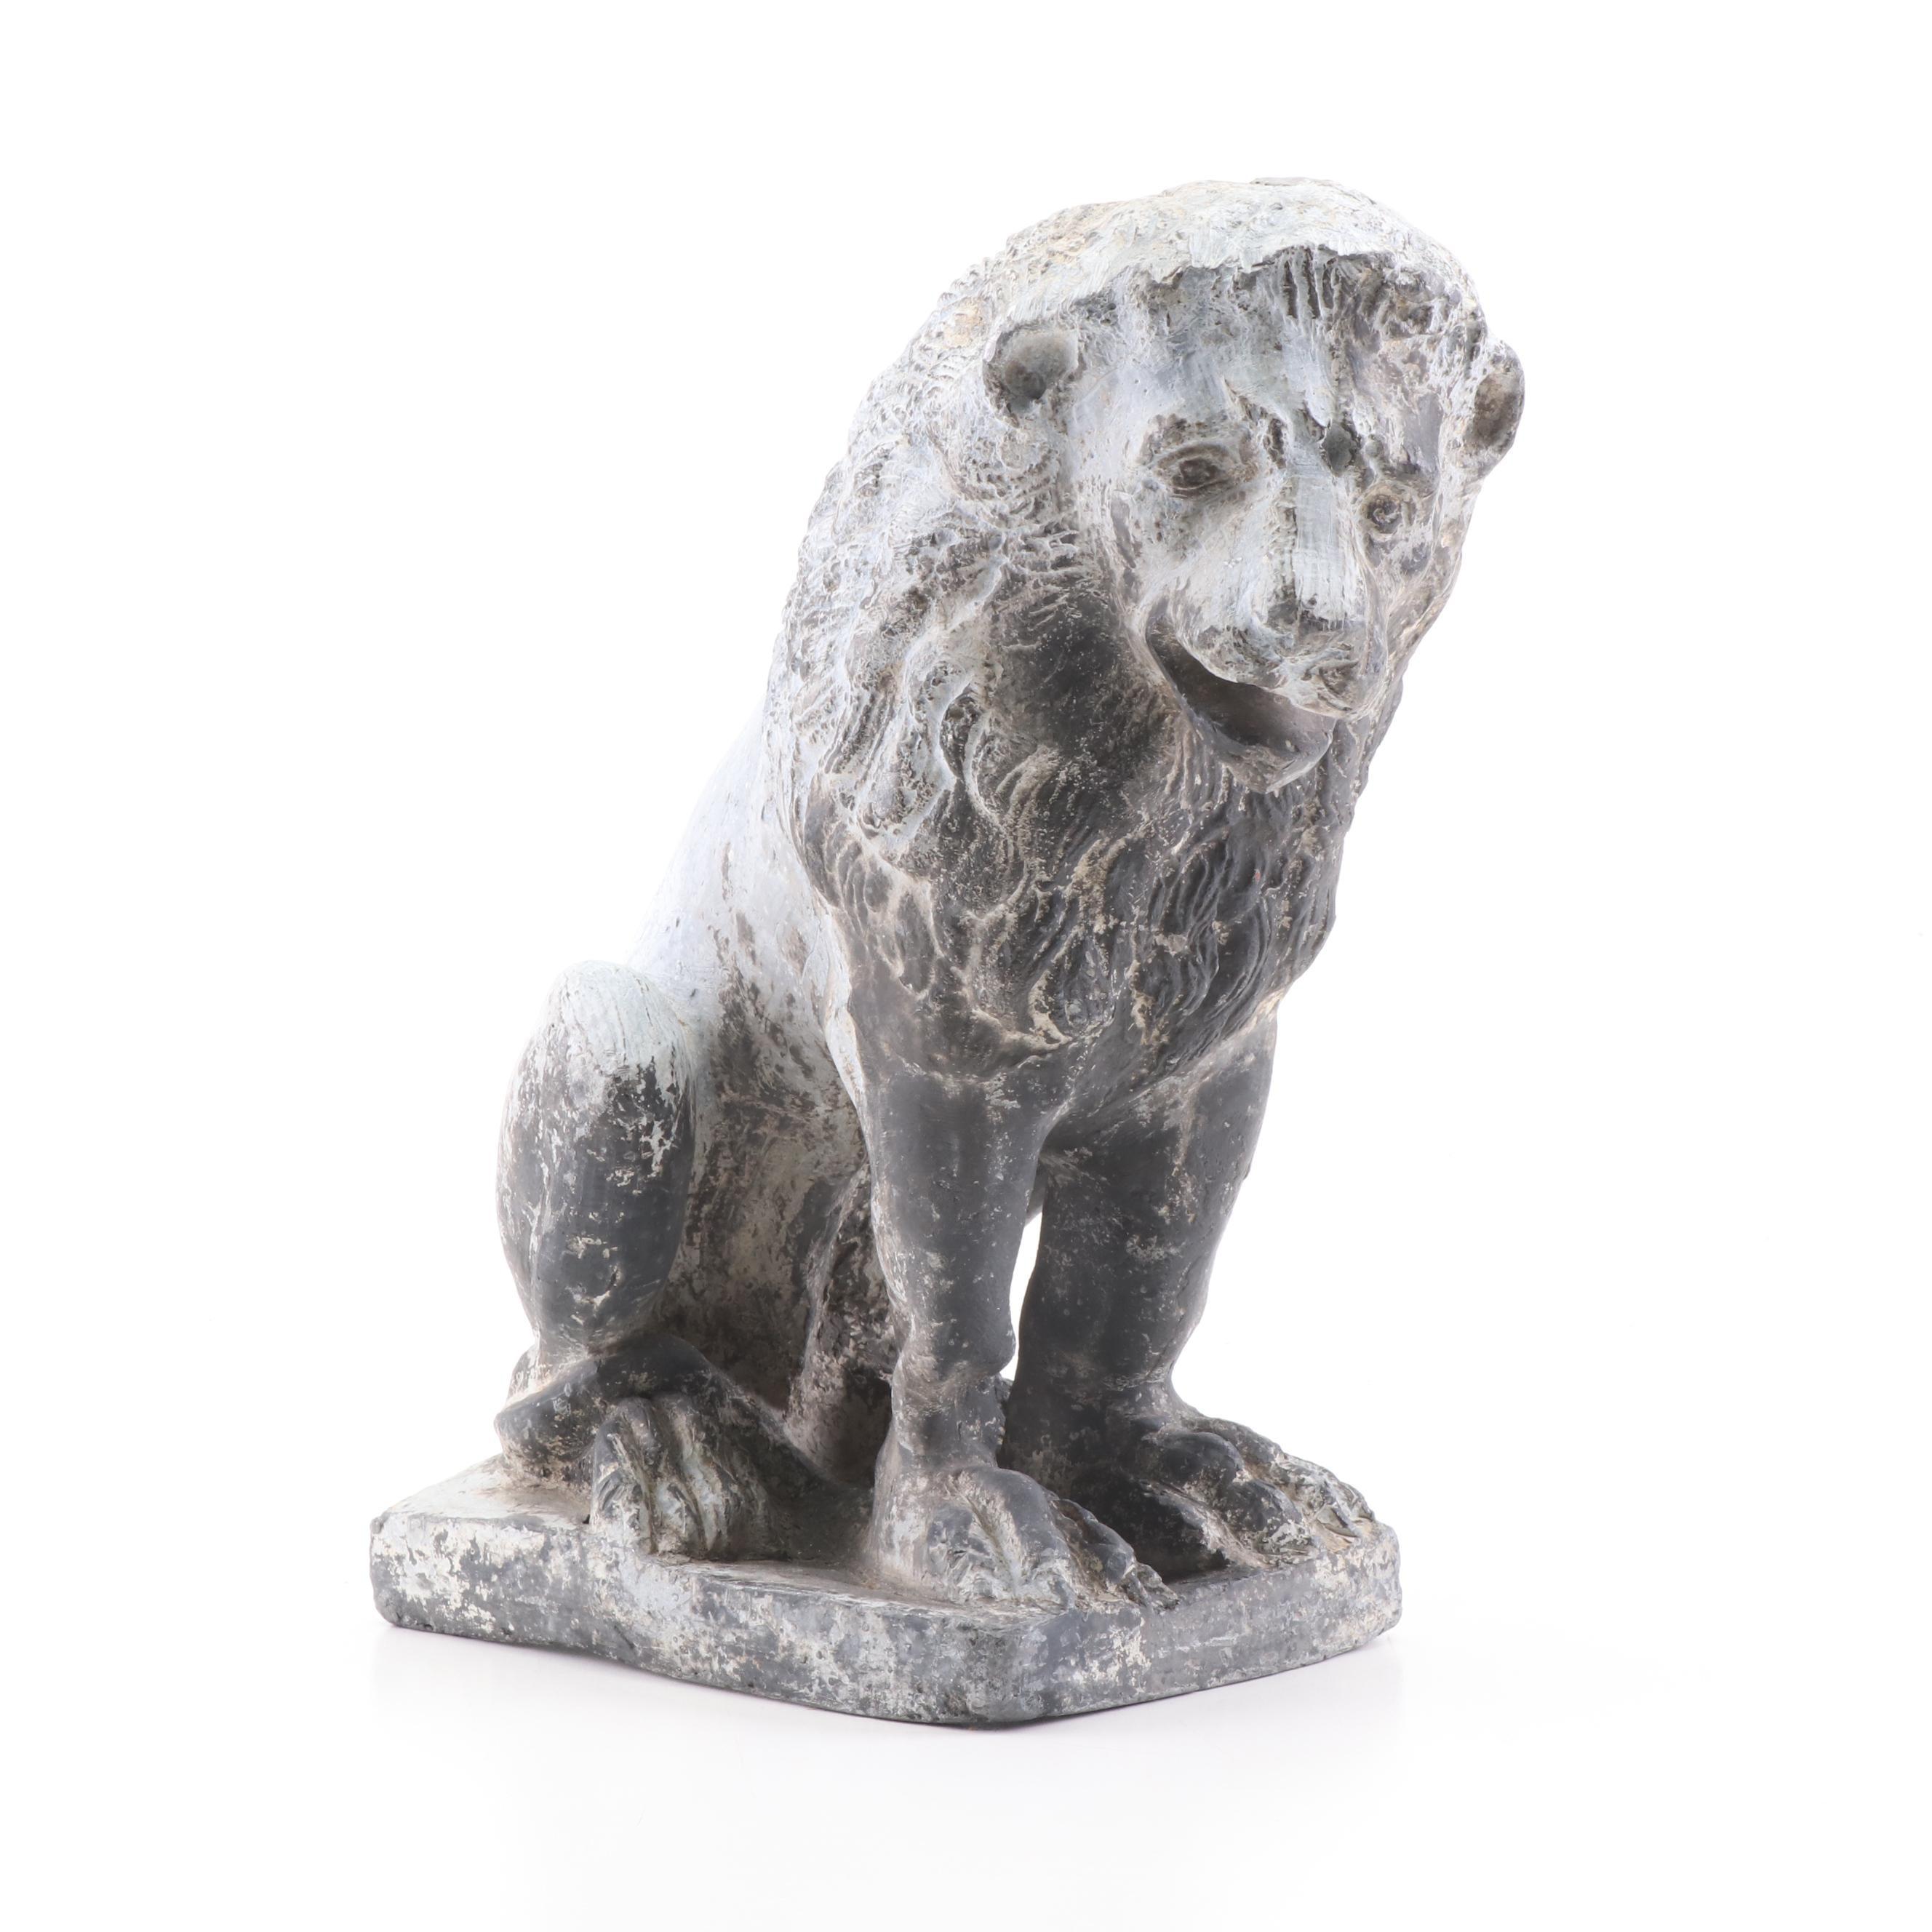 Cast Mixed Metal Lion Garden Sculpture